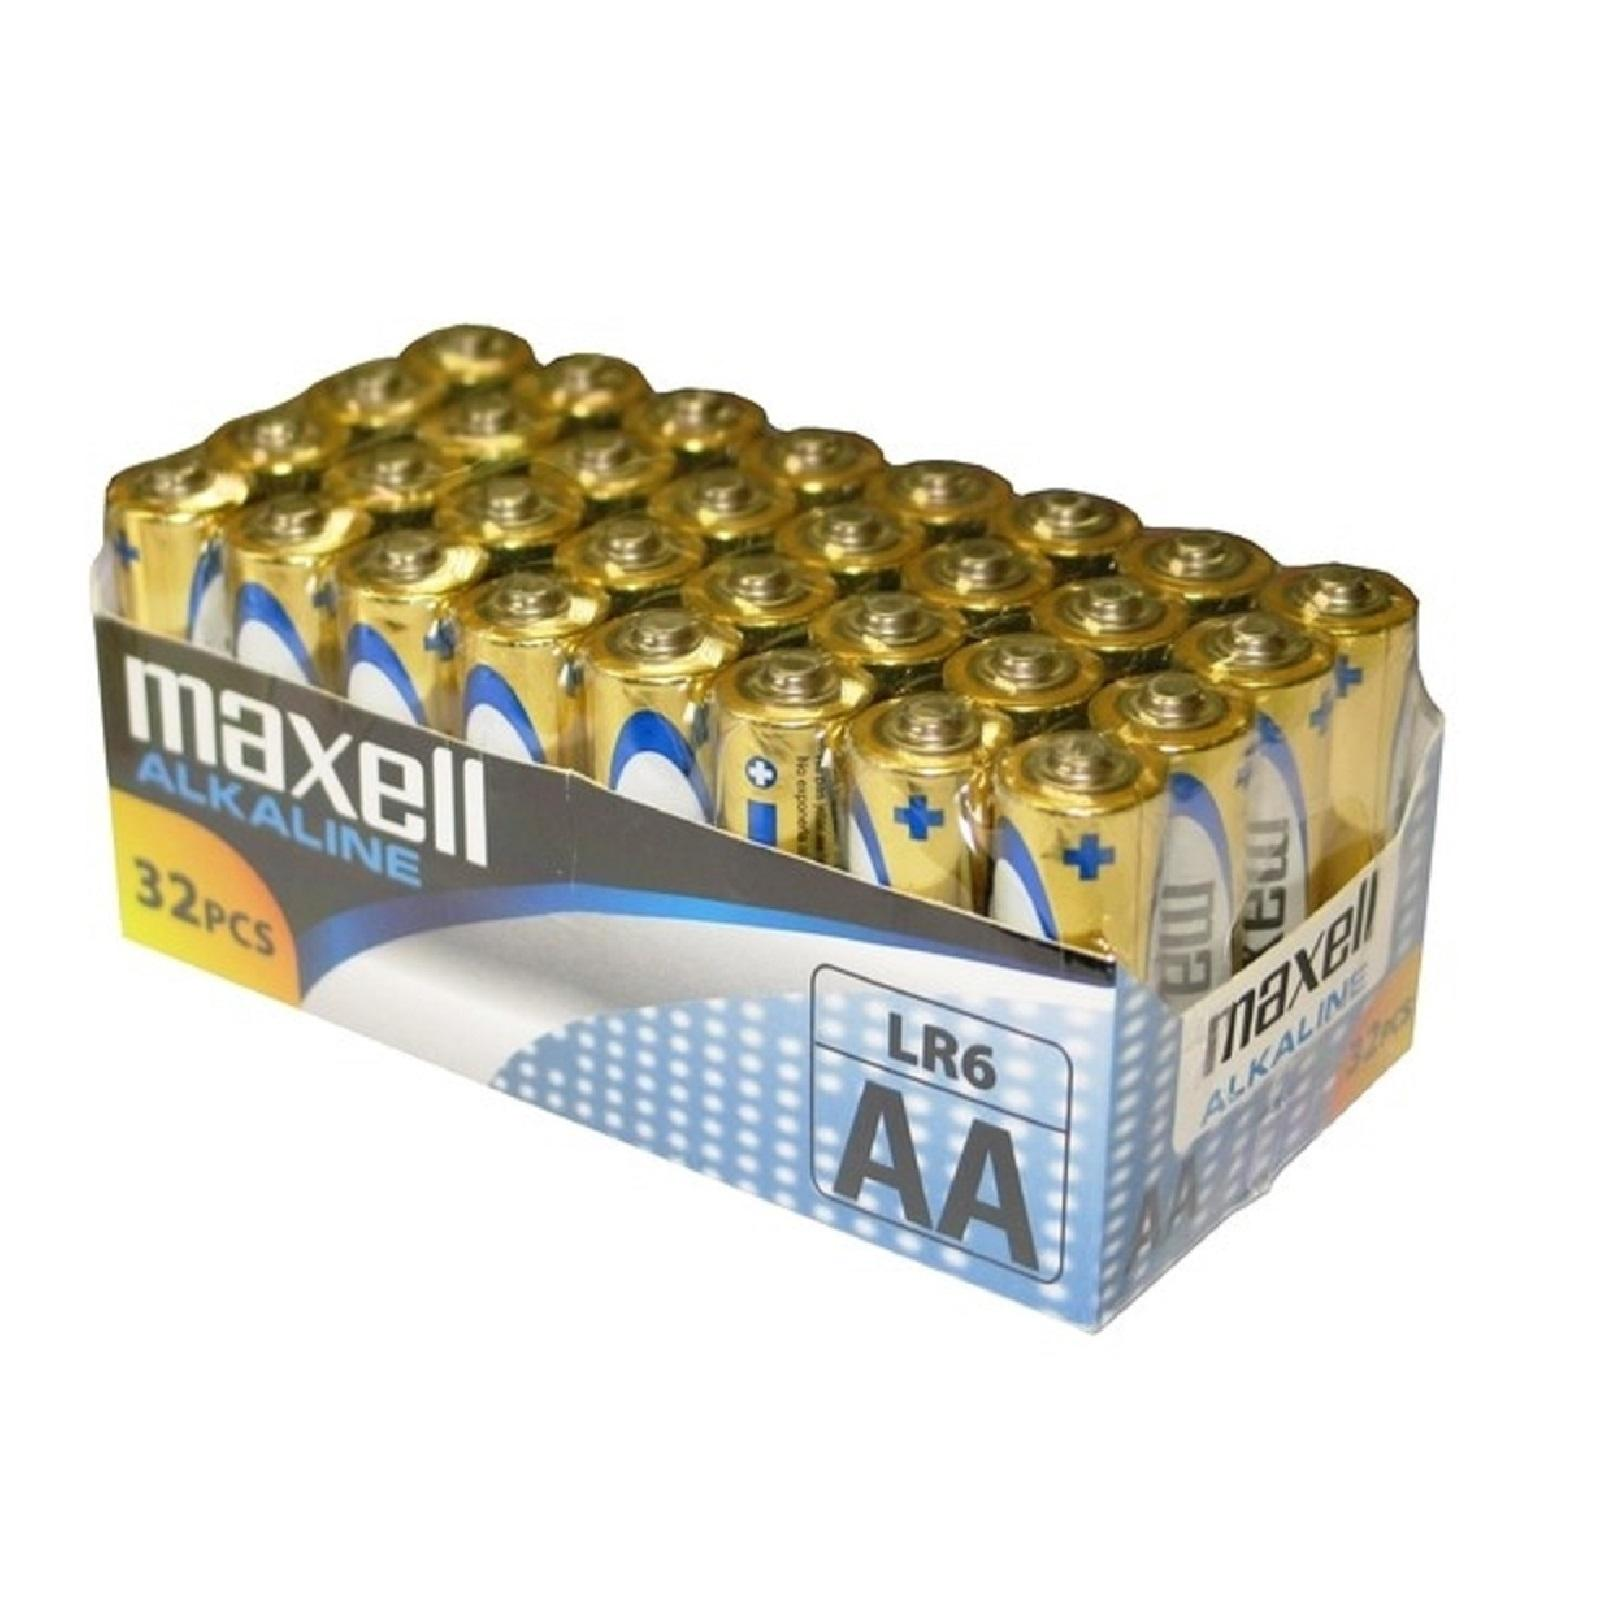 Pilas Tipo AA Alcalina Maxell bateria original LR6 en blister 32X Unidades